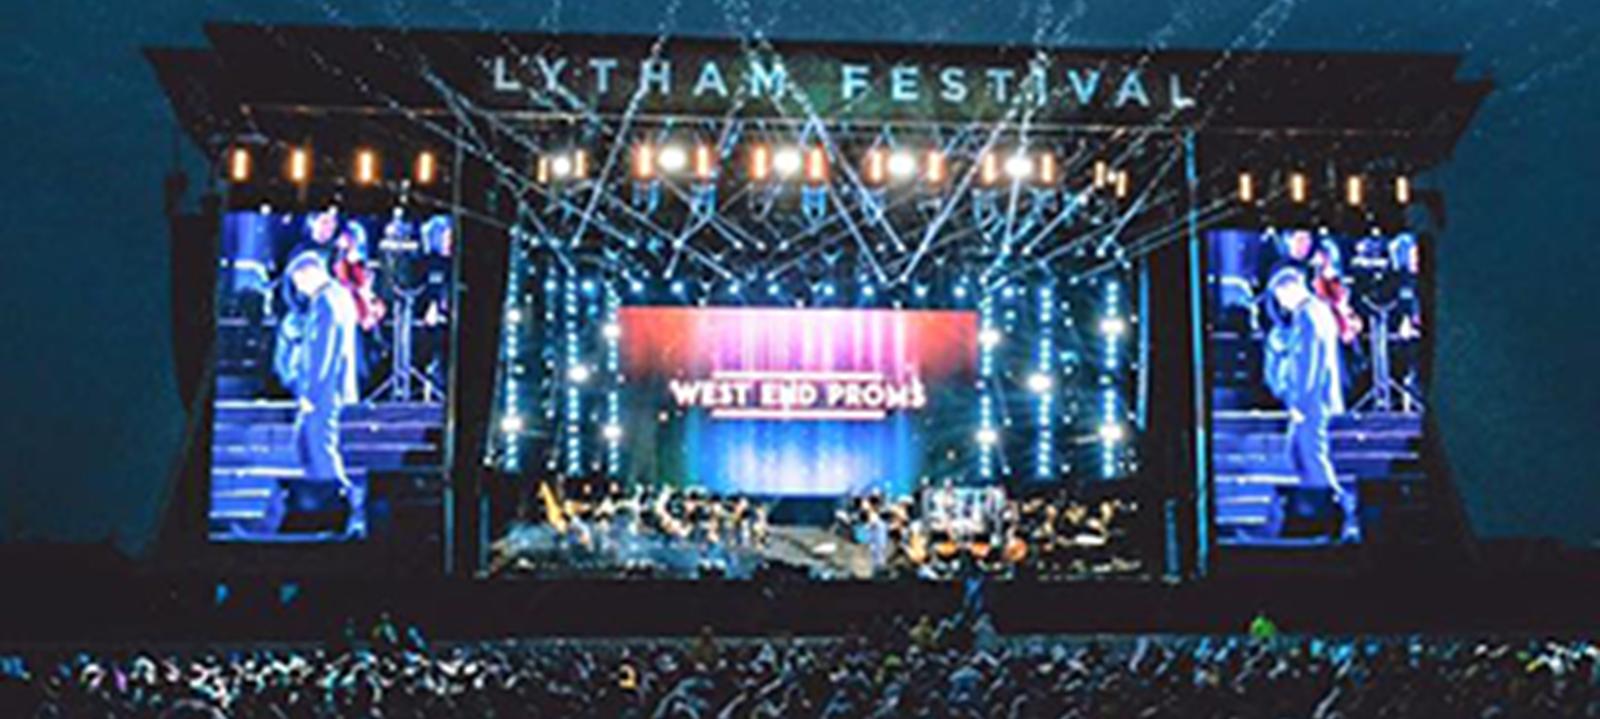 Lytham Festival 2017 Was Phenomenal